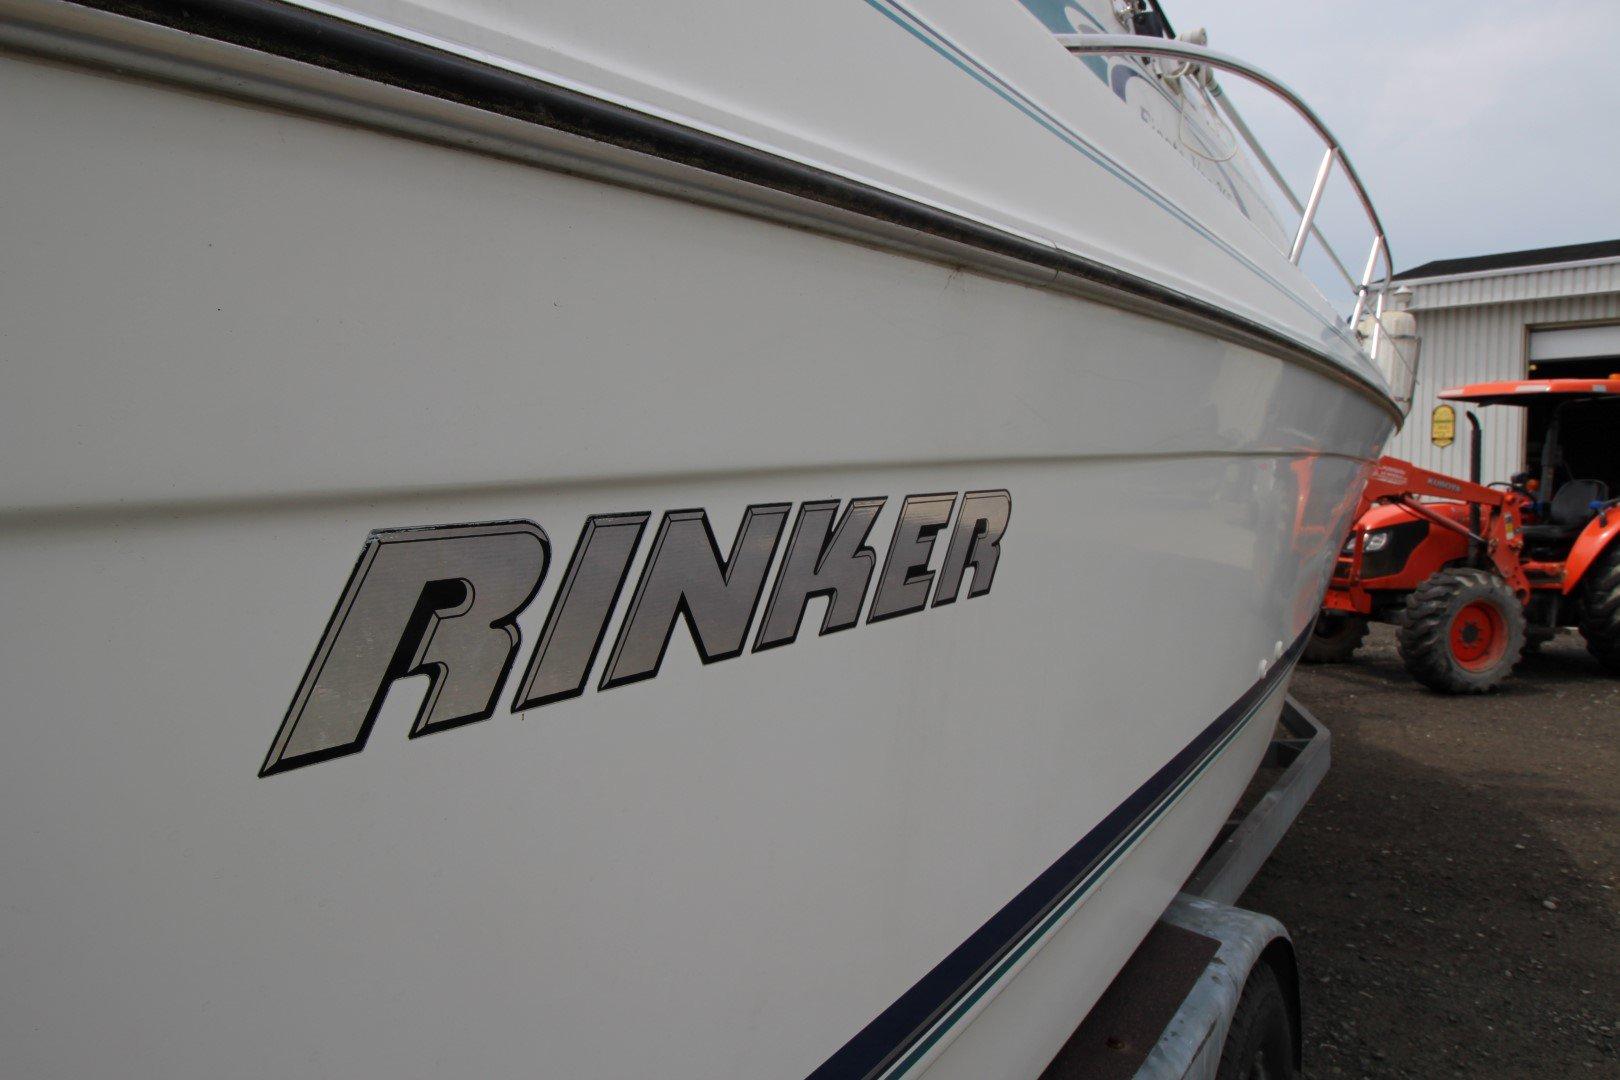 Rinker FIESTA VEE 265 - IMG_1207